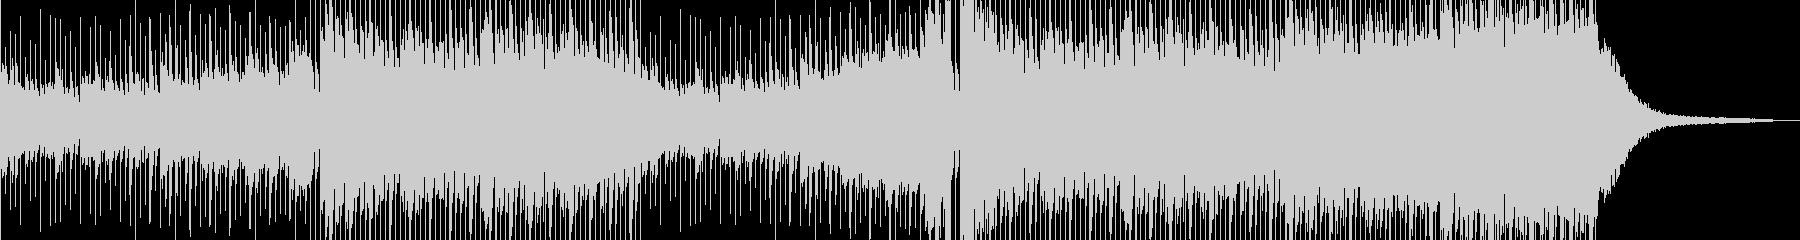 【ハウス】エネルギッシュ・力強さの未再生の波形